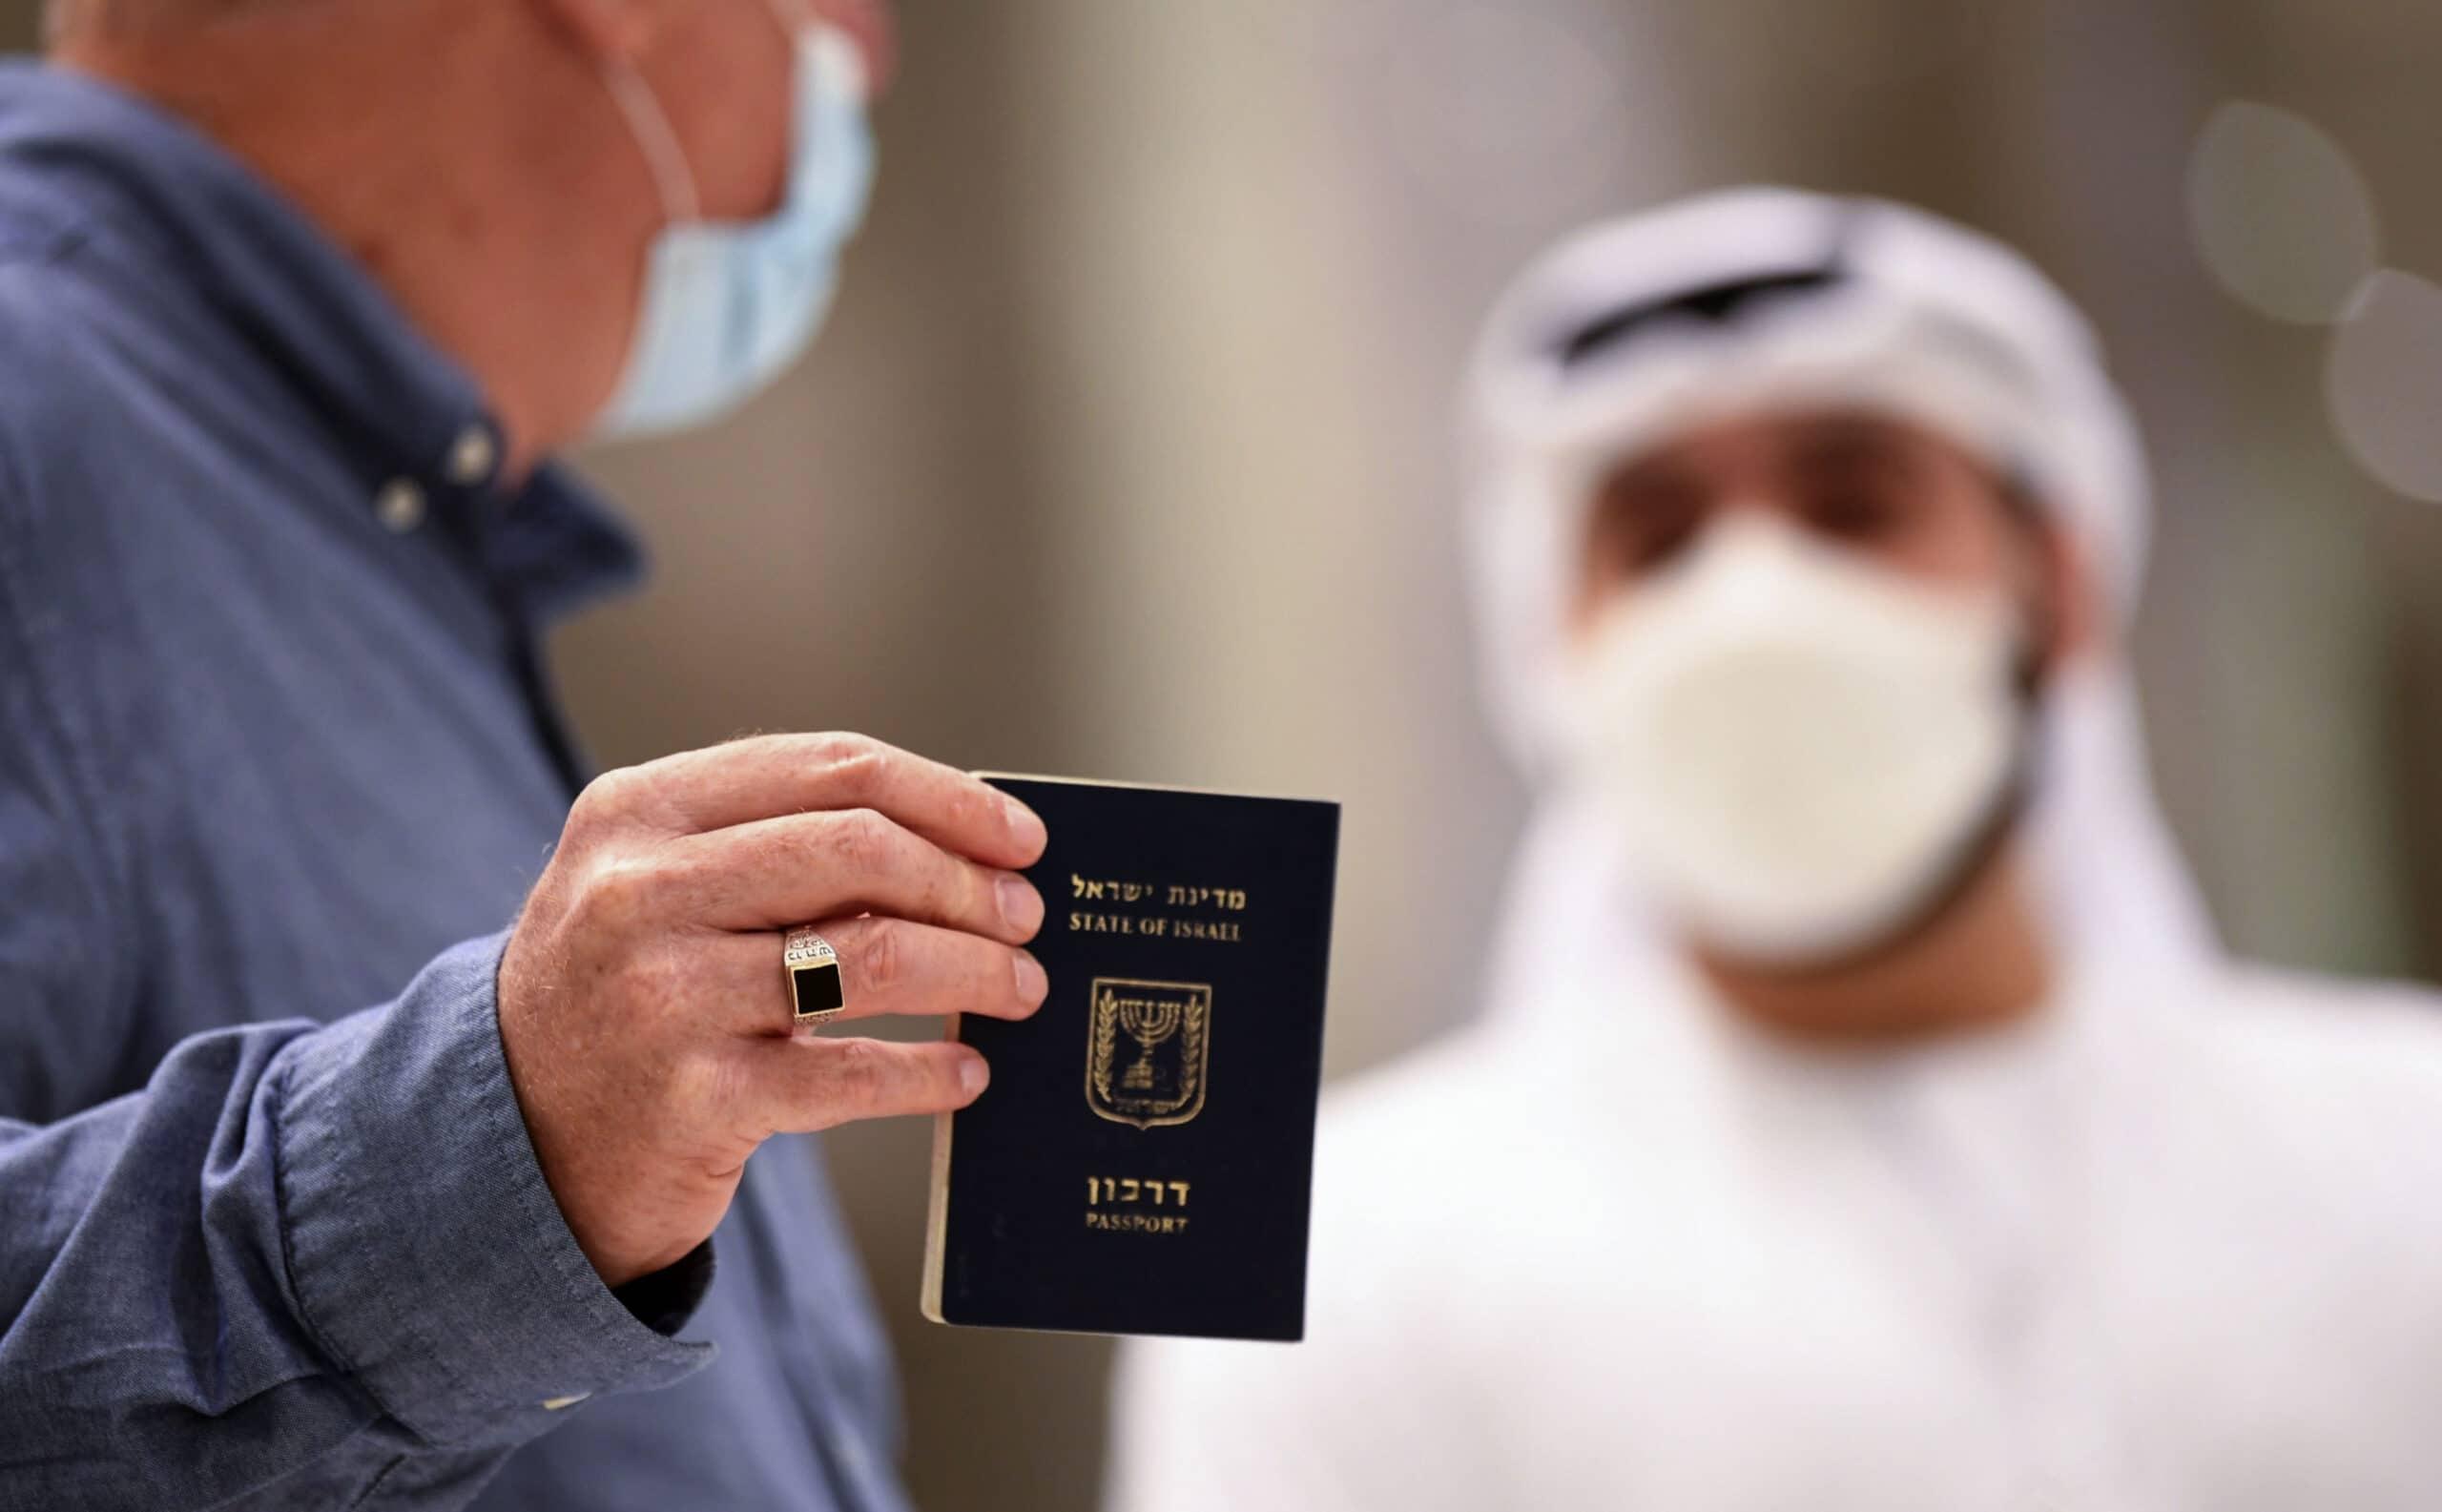 وزارة الصحة الإسرائيلية توصي بمنع دخول السائحين من الإمارات إلى تل أبيب